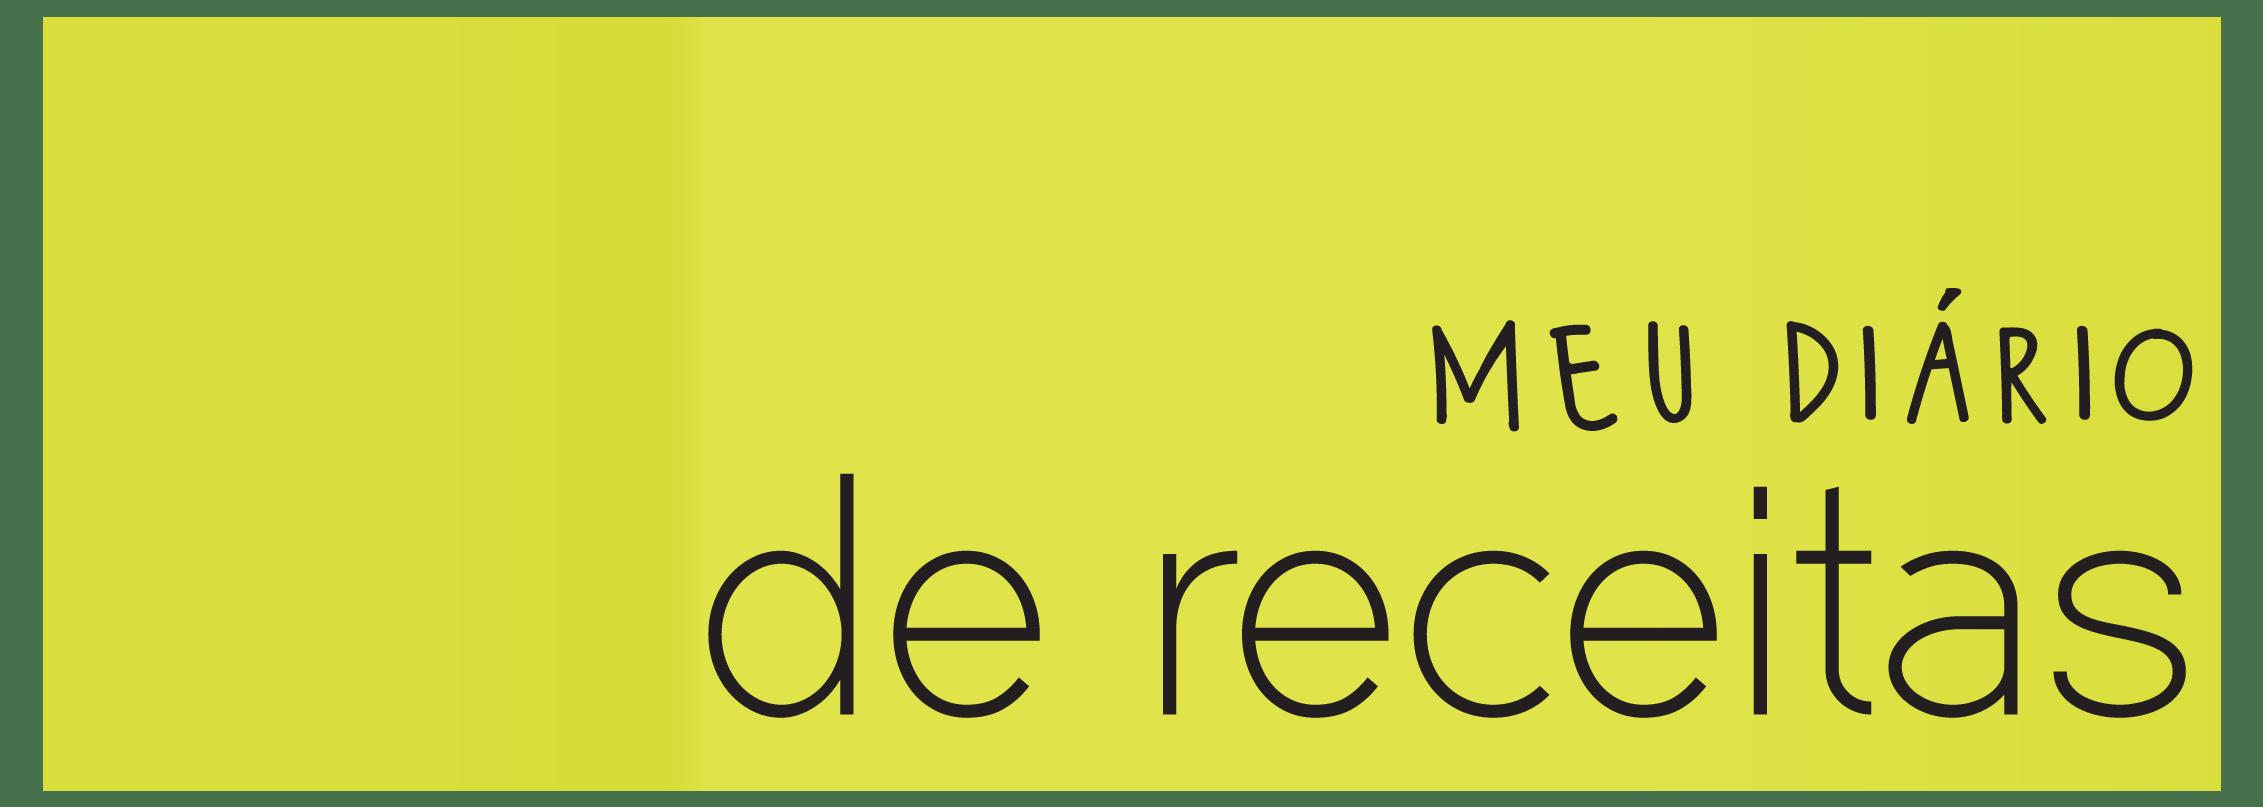 Descubra as Melhores Receitas Online | Meu Diário de Receita